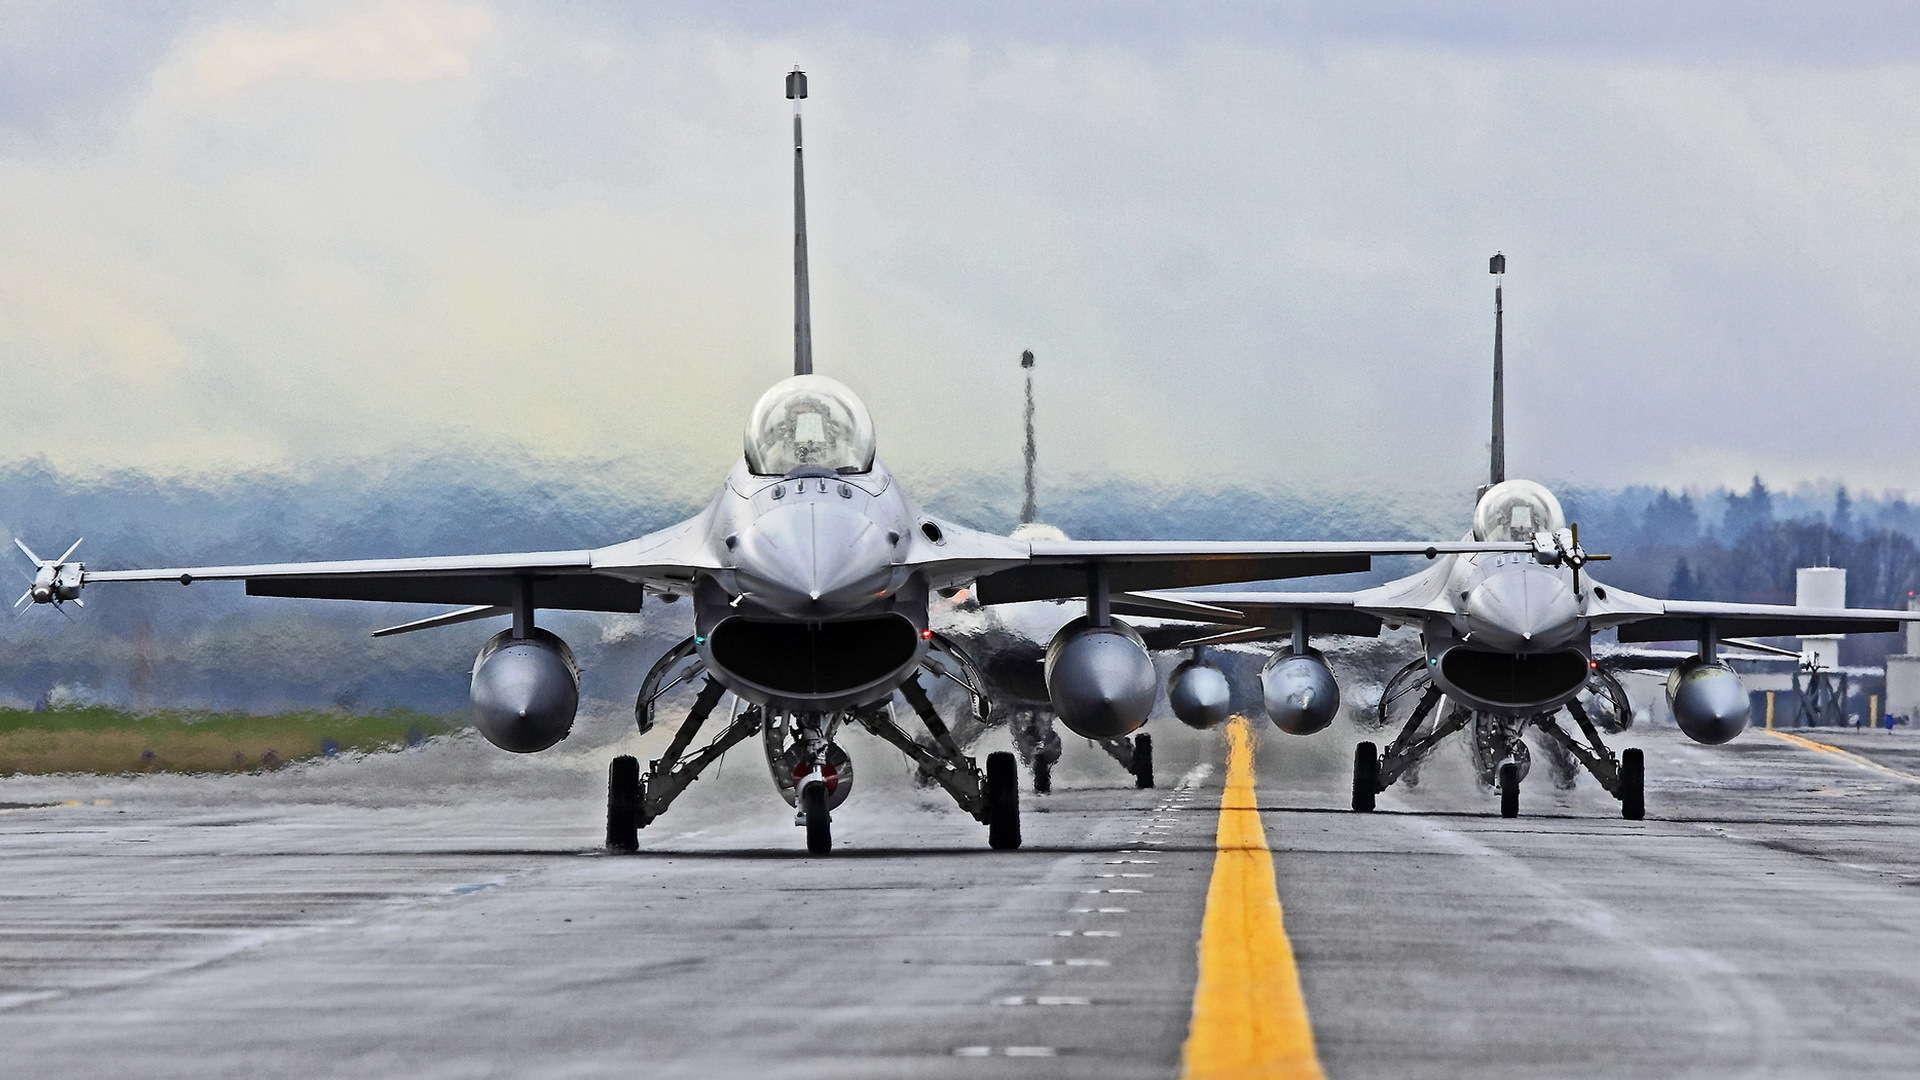 Amerikai F-16-os vadászrepülők a kifutópályán. (illusztráció)